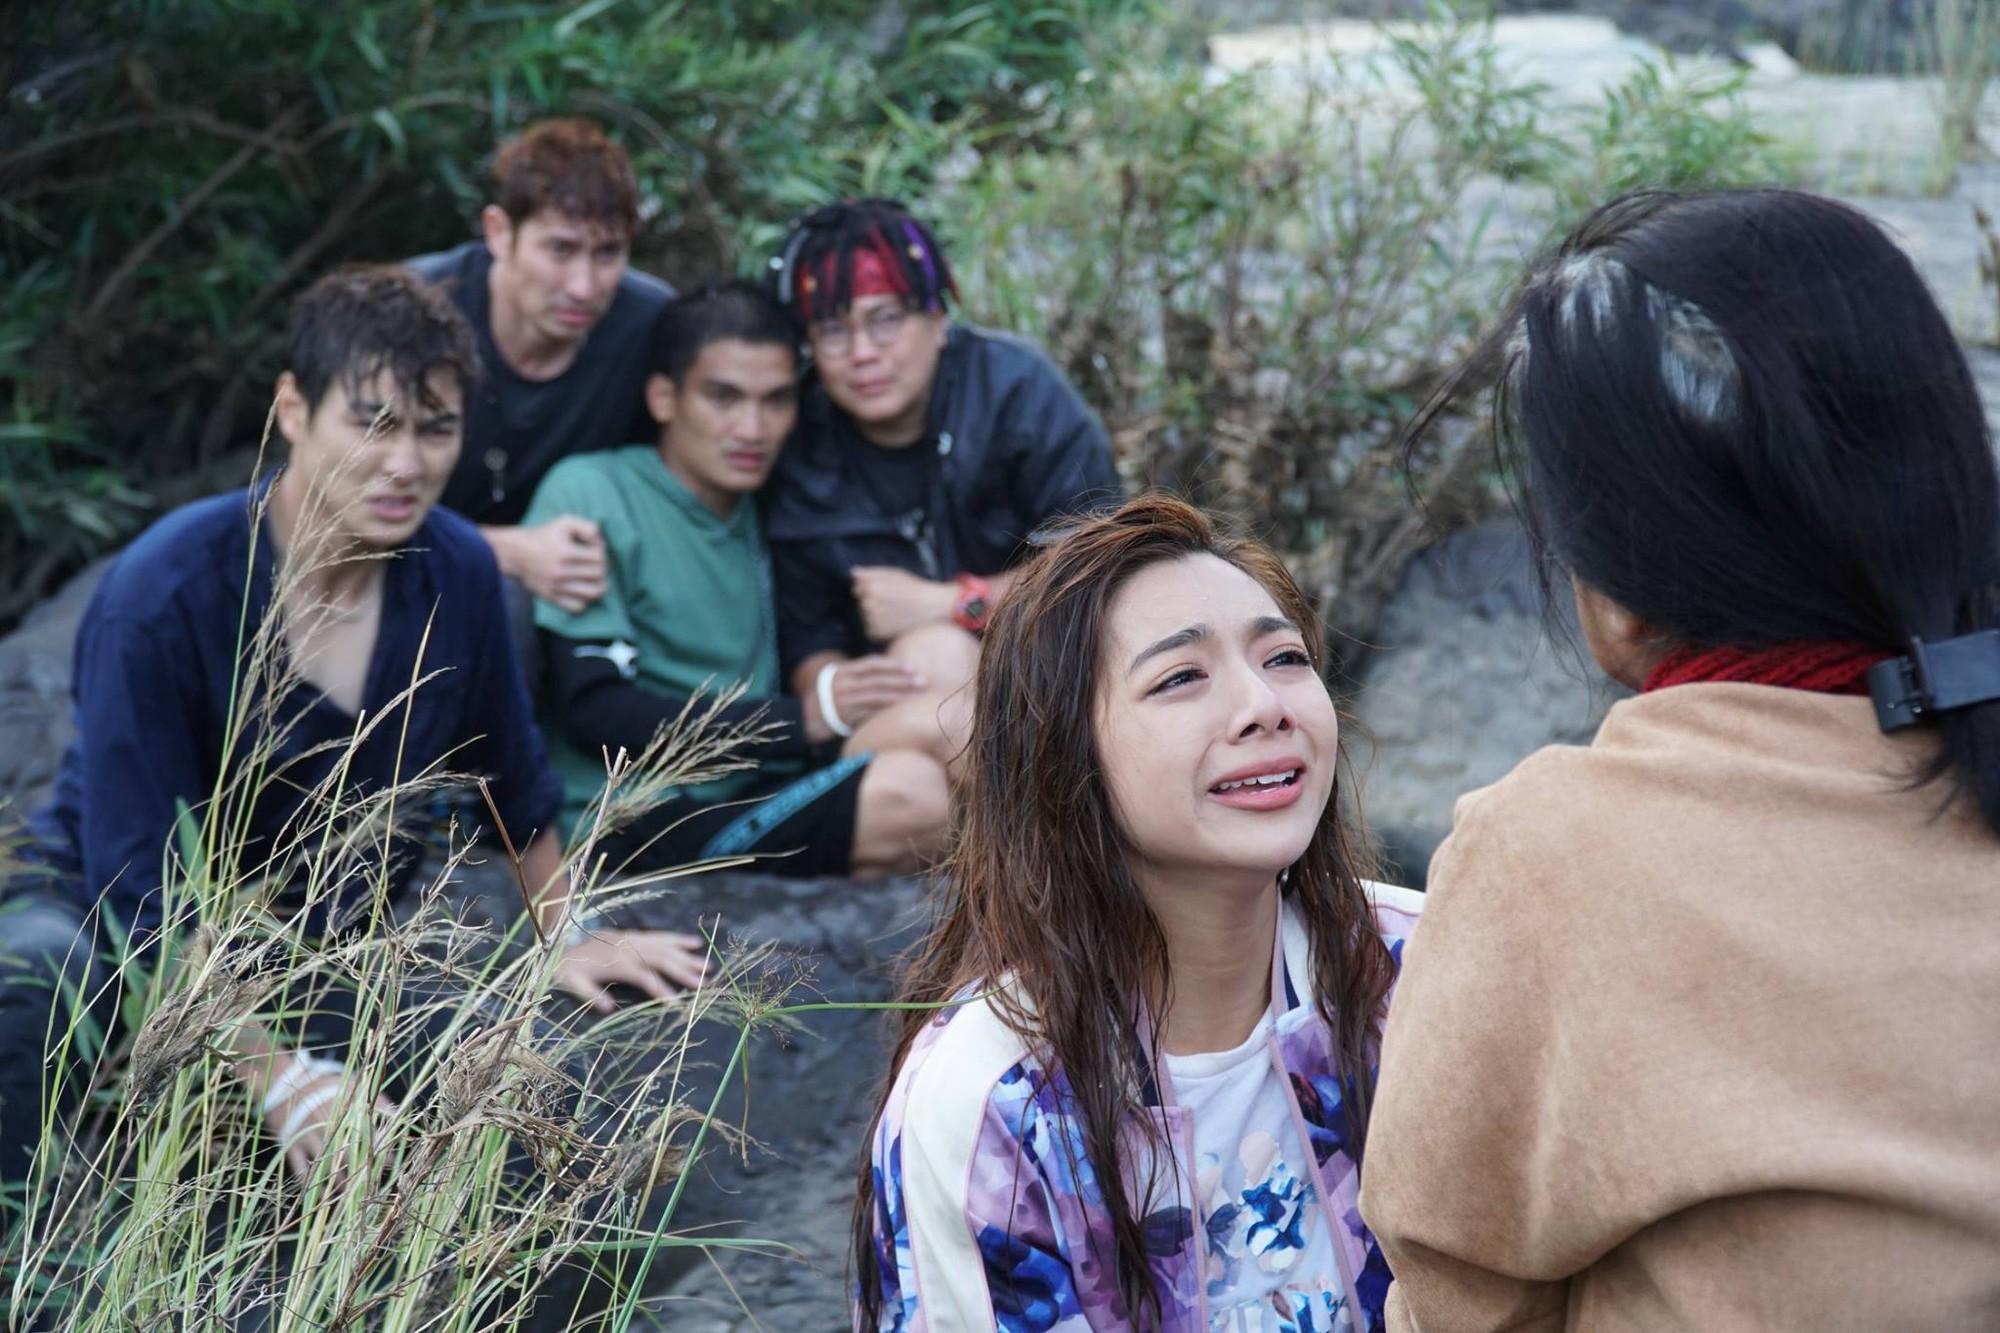 Lật Mặt 4 lọt top 3 phim Việt có doanh thu mở màn cao nhất mọi thời đại, khán giả đồng loạt gọi tên Mạc Văn Khoa! - Ảnh 15.